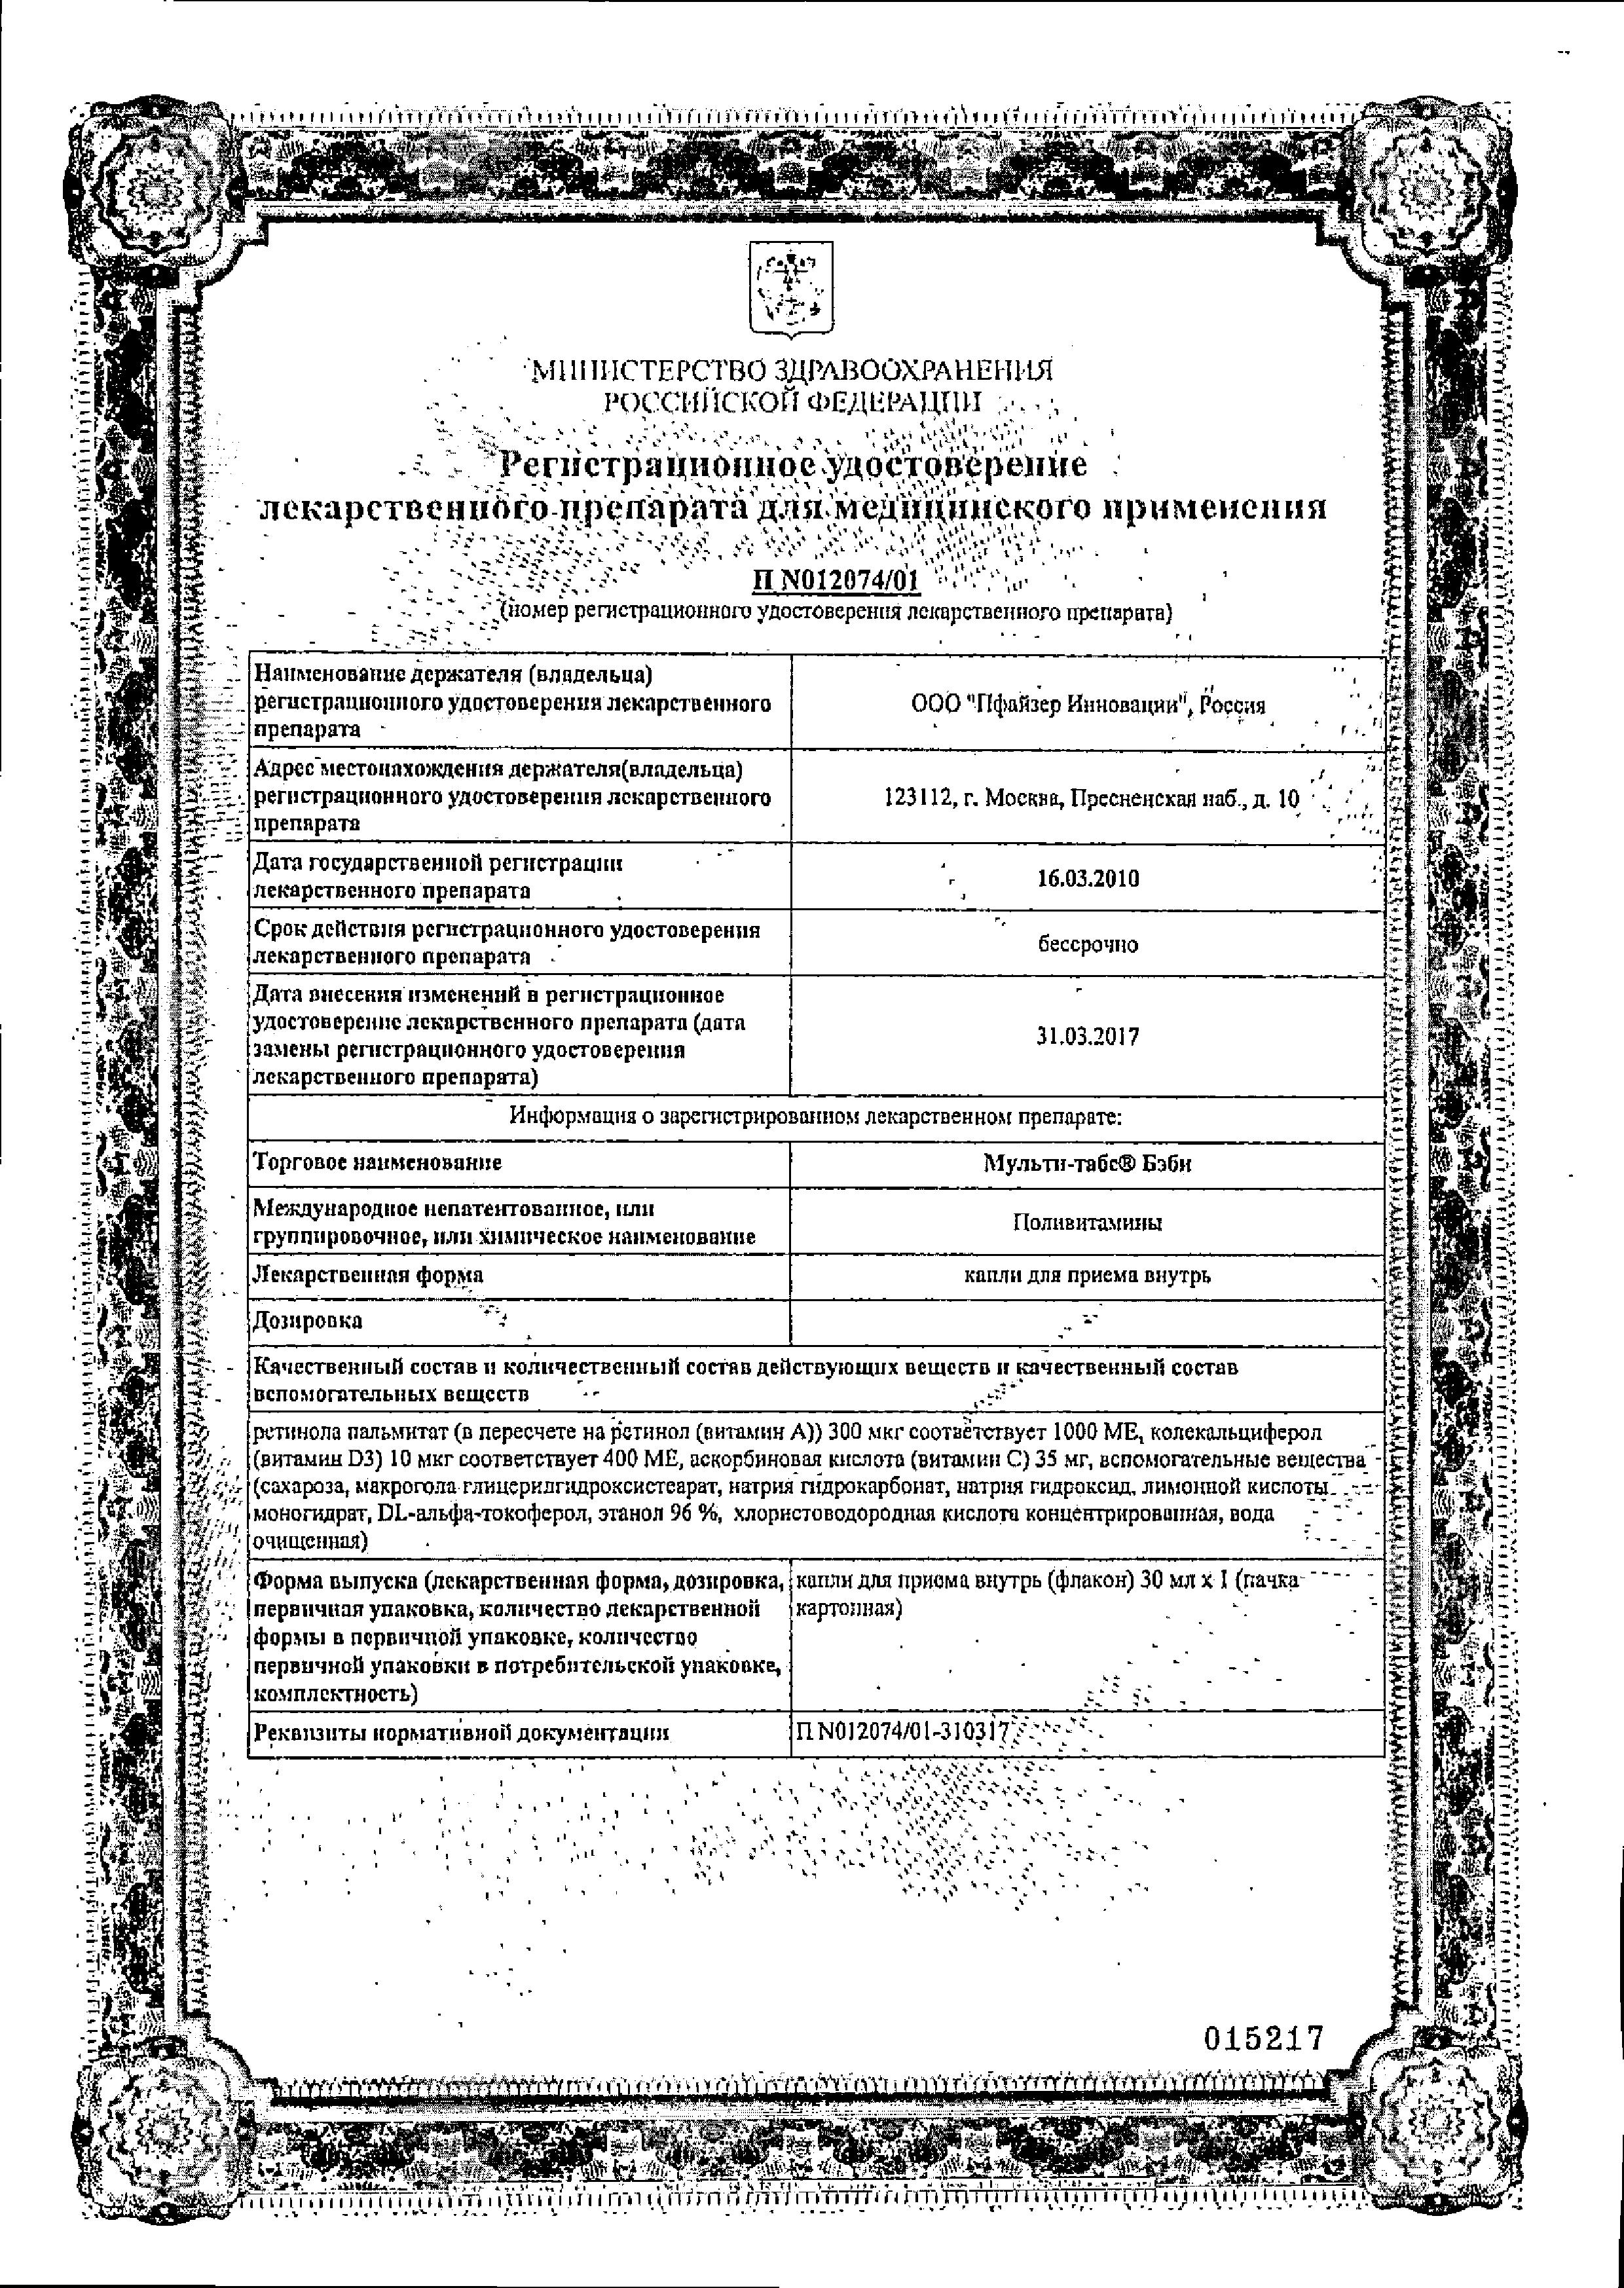 Мульти-табс Бэби сертификат